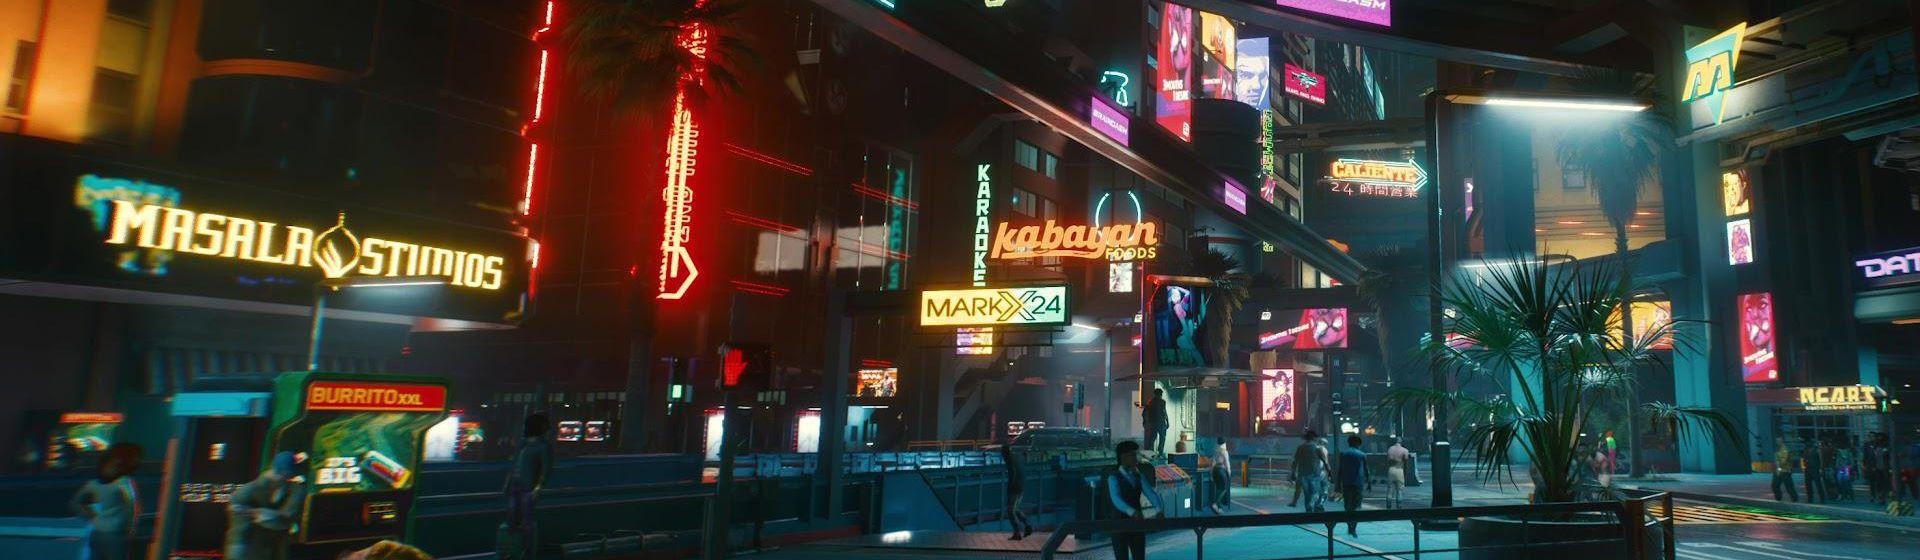 NVIDIA divulga jogos que terão Ray Tracing e DLSS em 2020